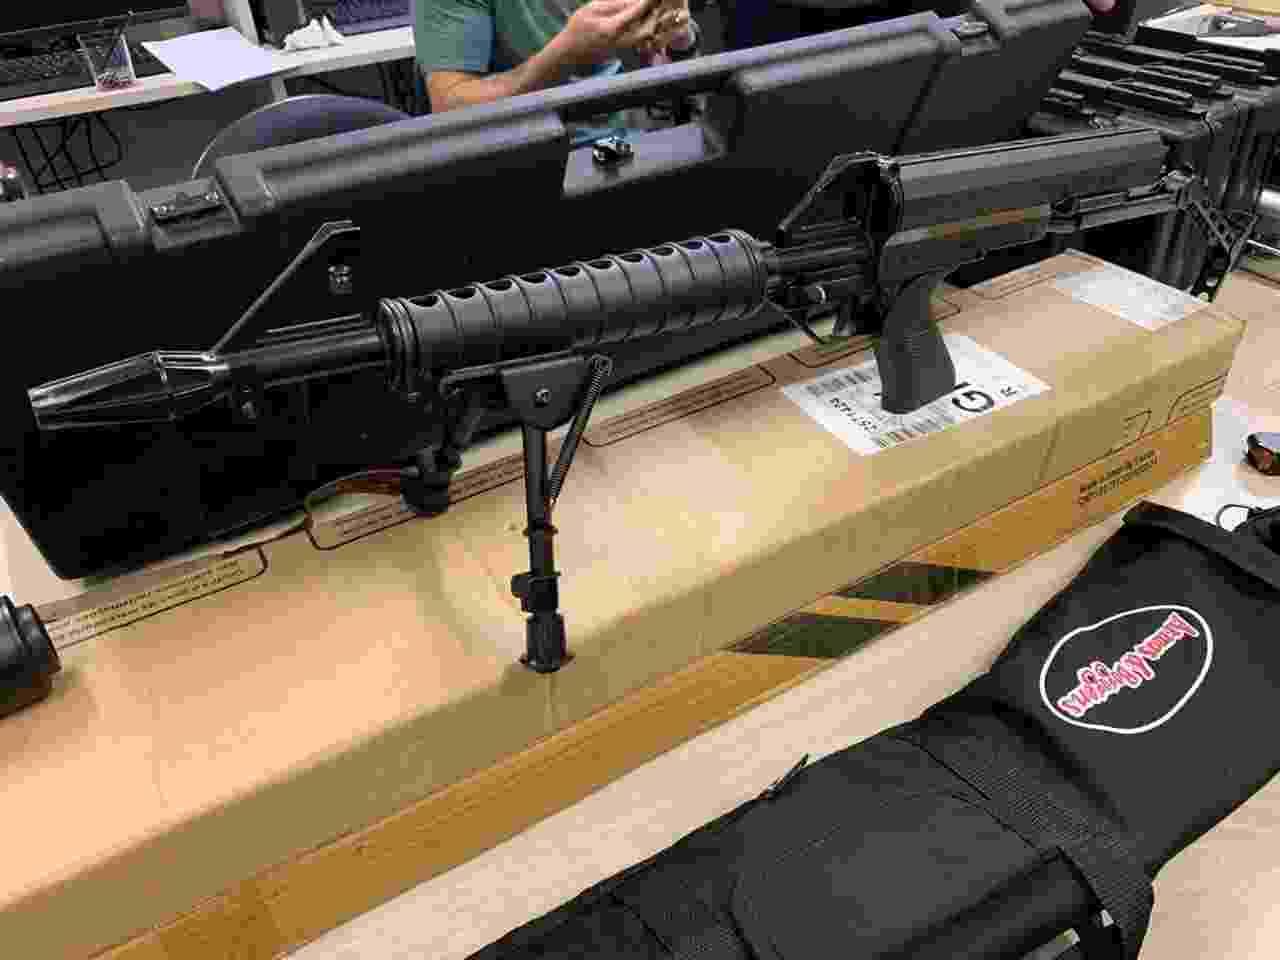 Guarda civil municipal foi preso pelo Deic em Americana (SP) com arsenal de 20 armas dentro do porta-malas de um Camaro - Divulgação/Deic